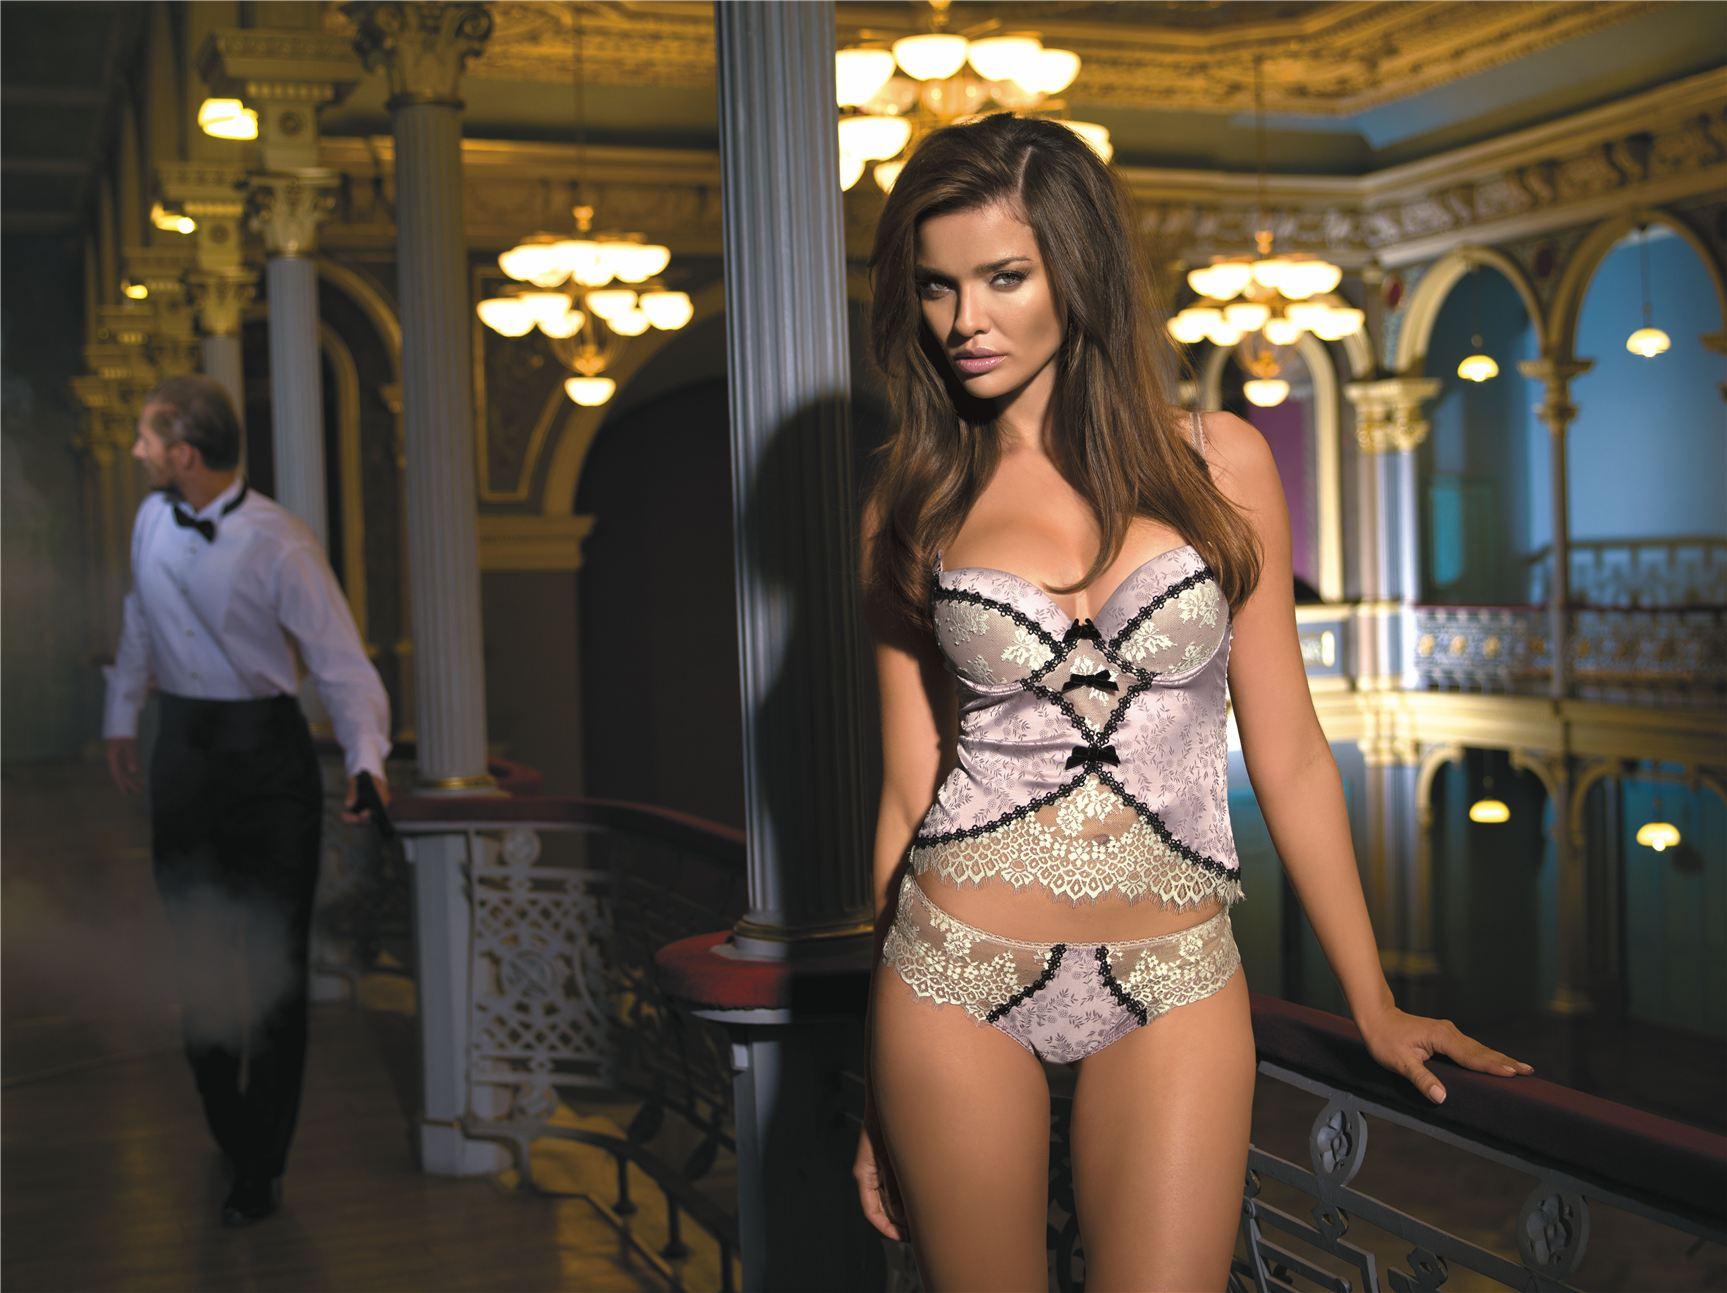 Bond Girl - Herika Fernanda de Noronha / Эрика Норонья в нижнем белье Kinga Lingerie